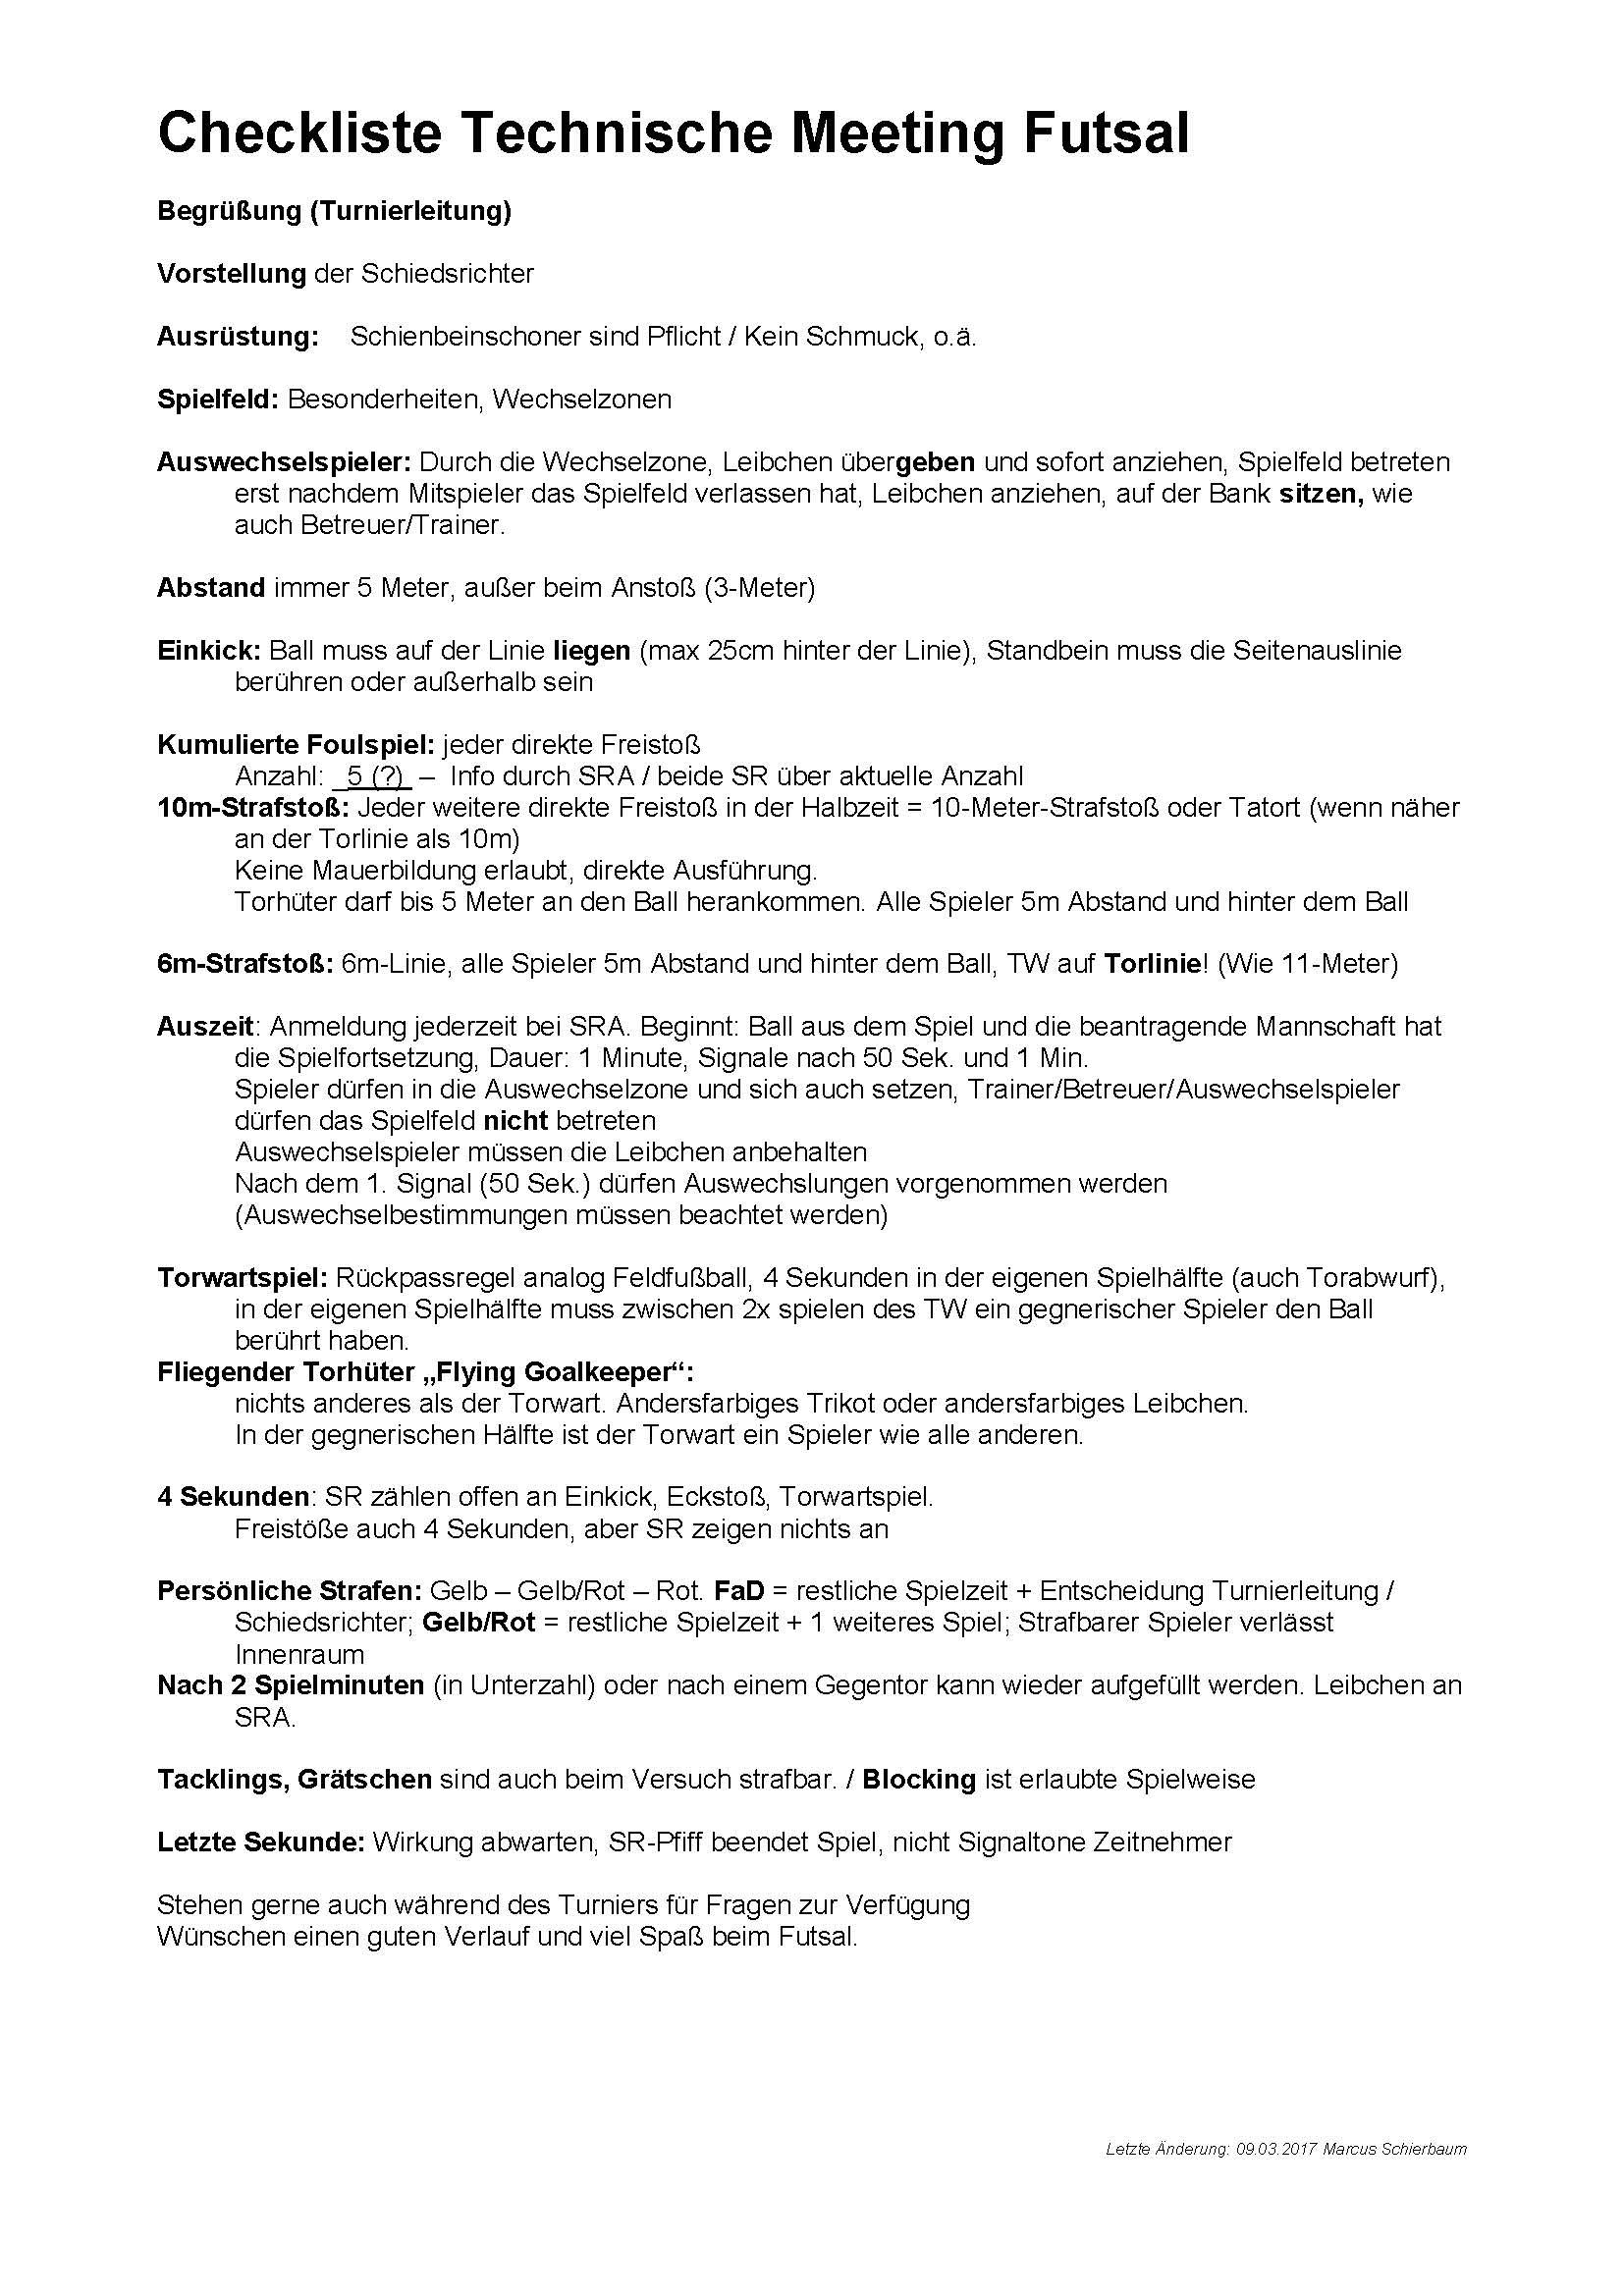 Schön Ausrüstung Checkliste Vorlage Zeitgenössisch - Beispiel ...